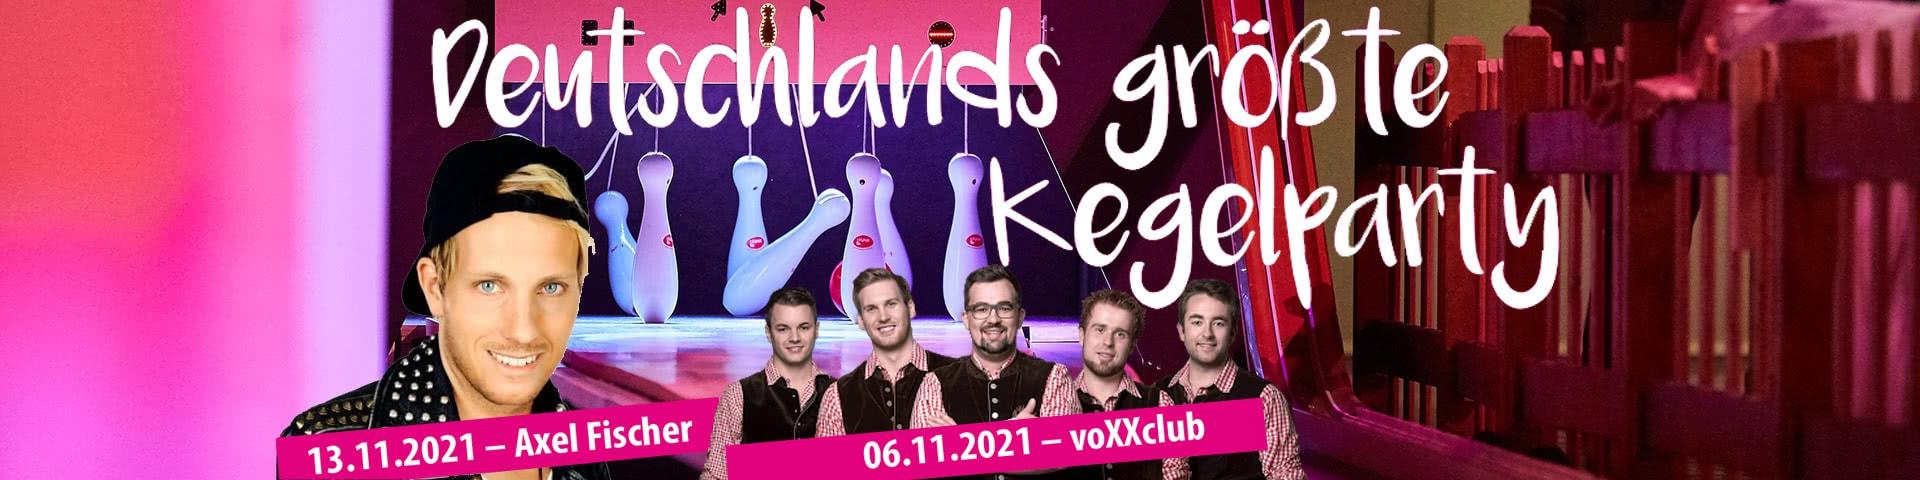 Deutschlands größte Kegelparty 2021 mit Axel Fischer und voXXclub